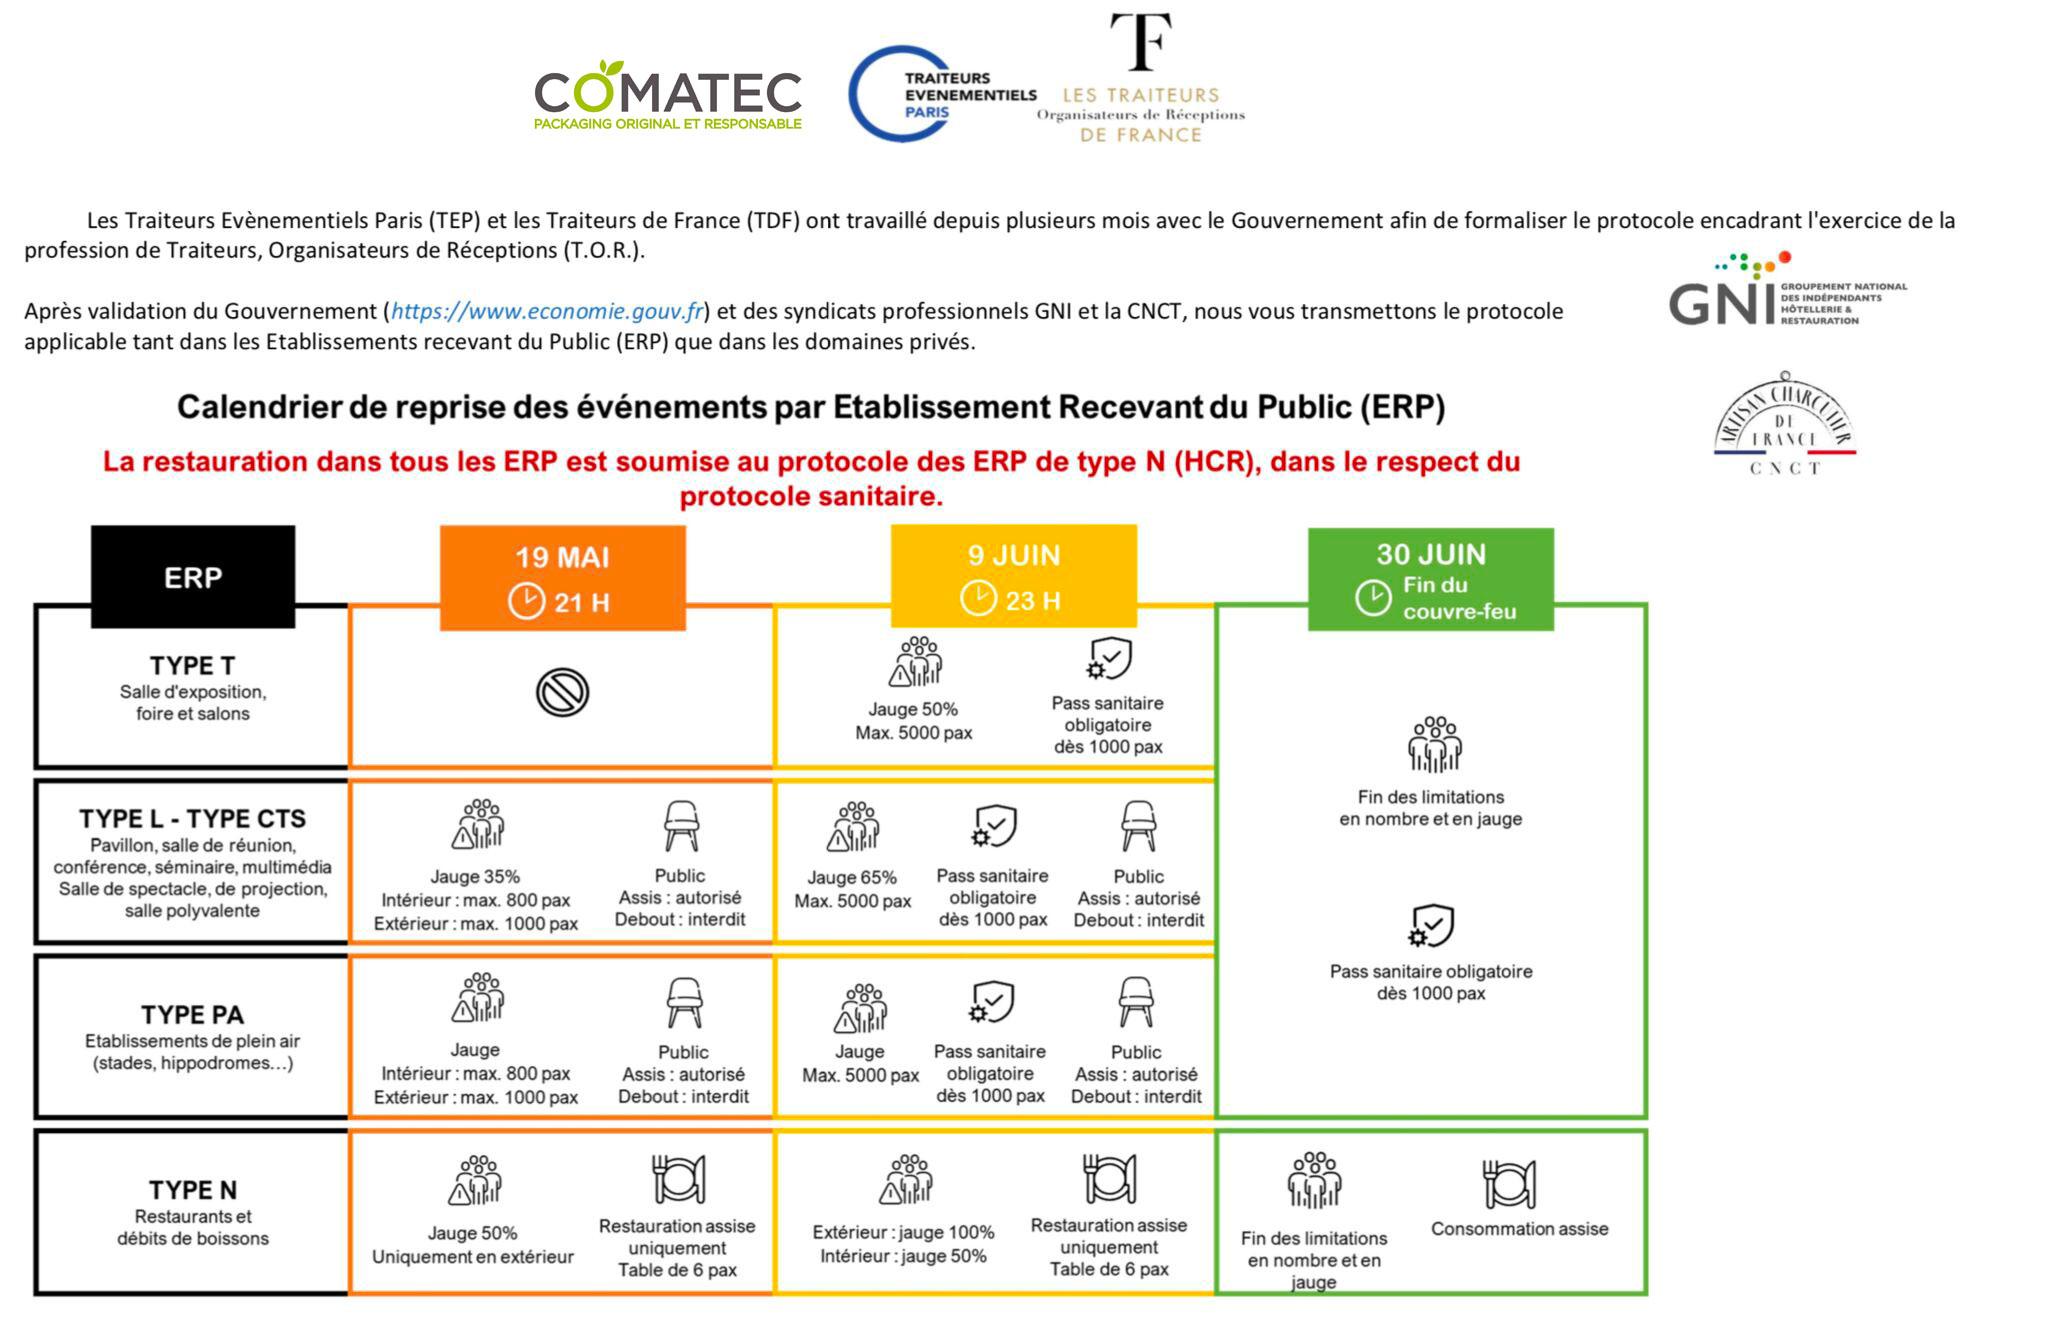 Protocole sanitaire résumé par Comatec